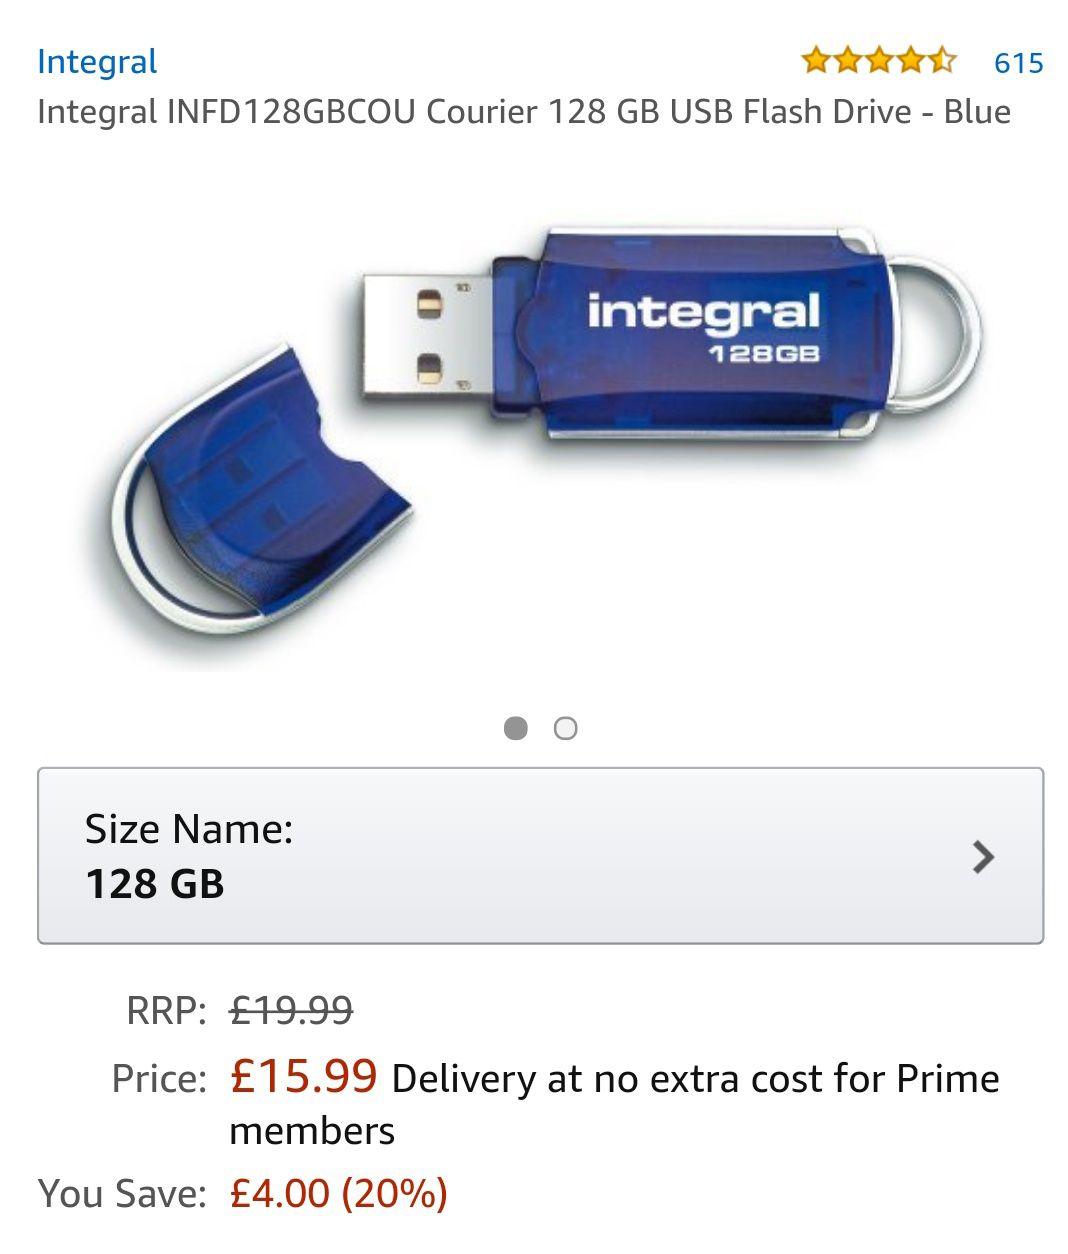 Integral USB 2.0 128GB Memory Stick £15.99 Prime Members (£18.98 non Prime) at Amazon